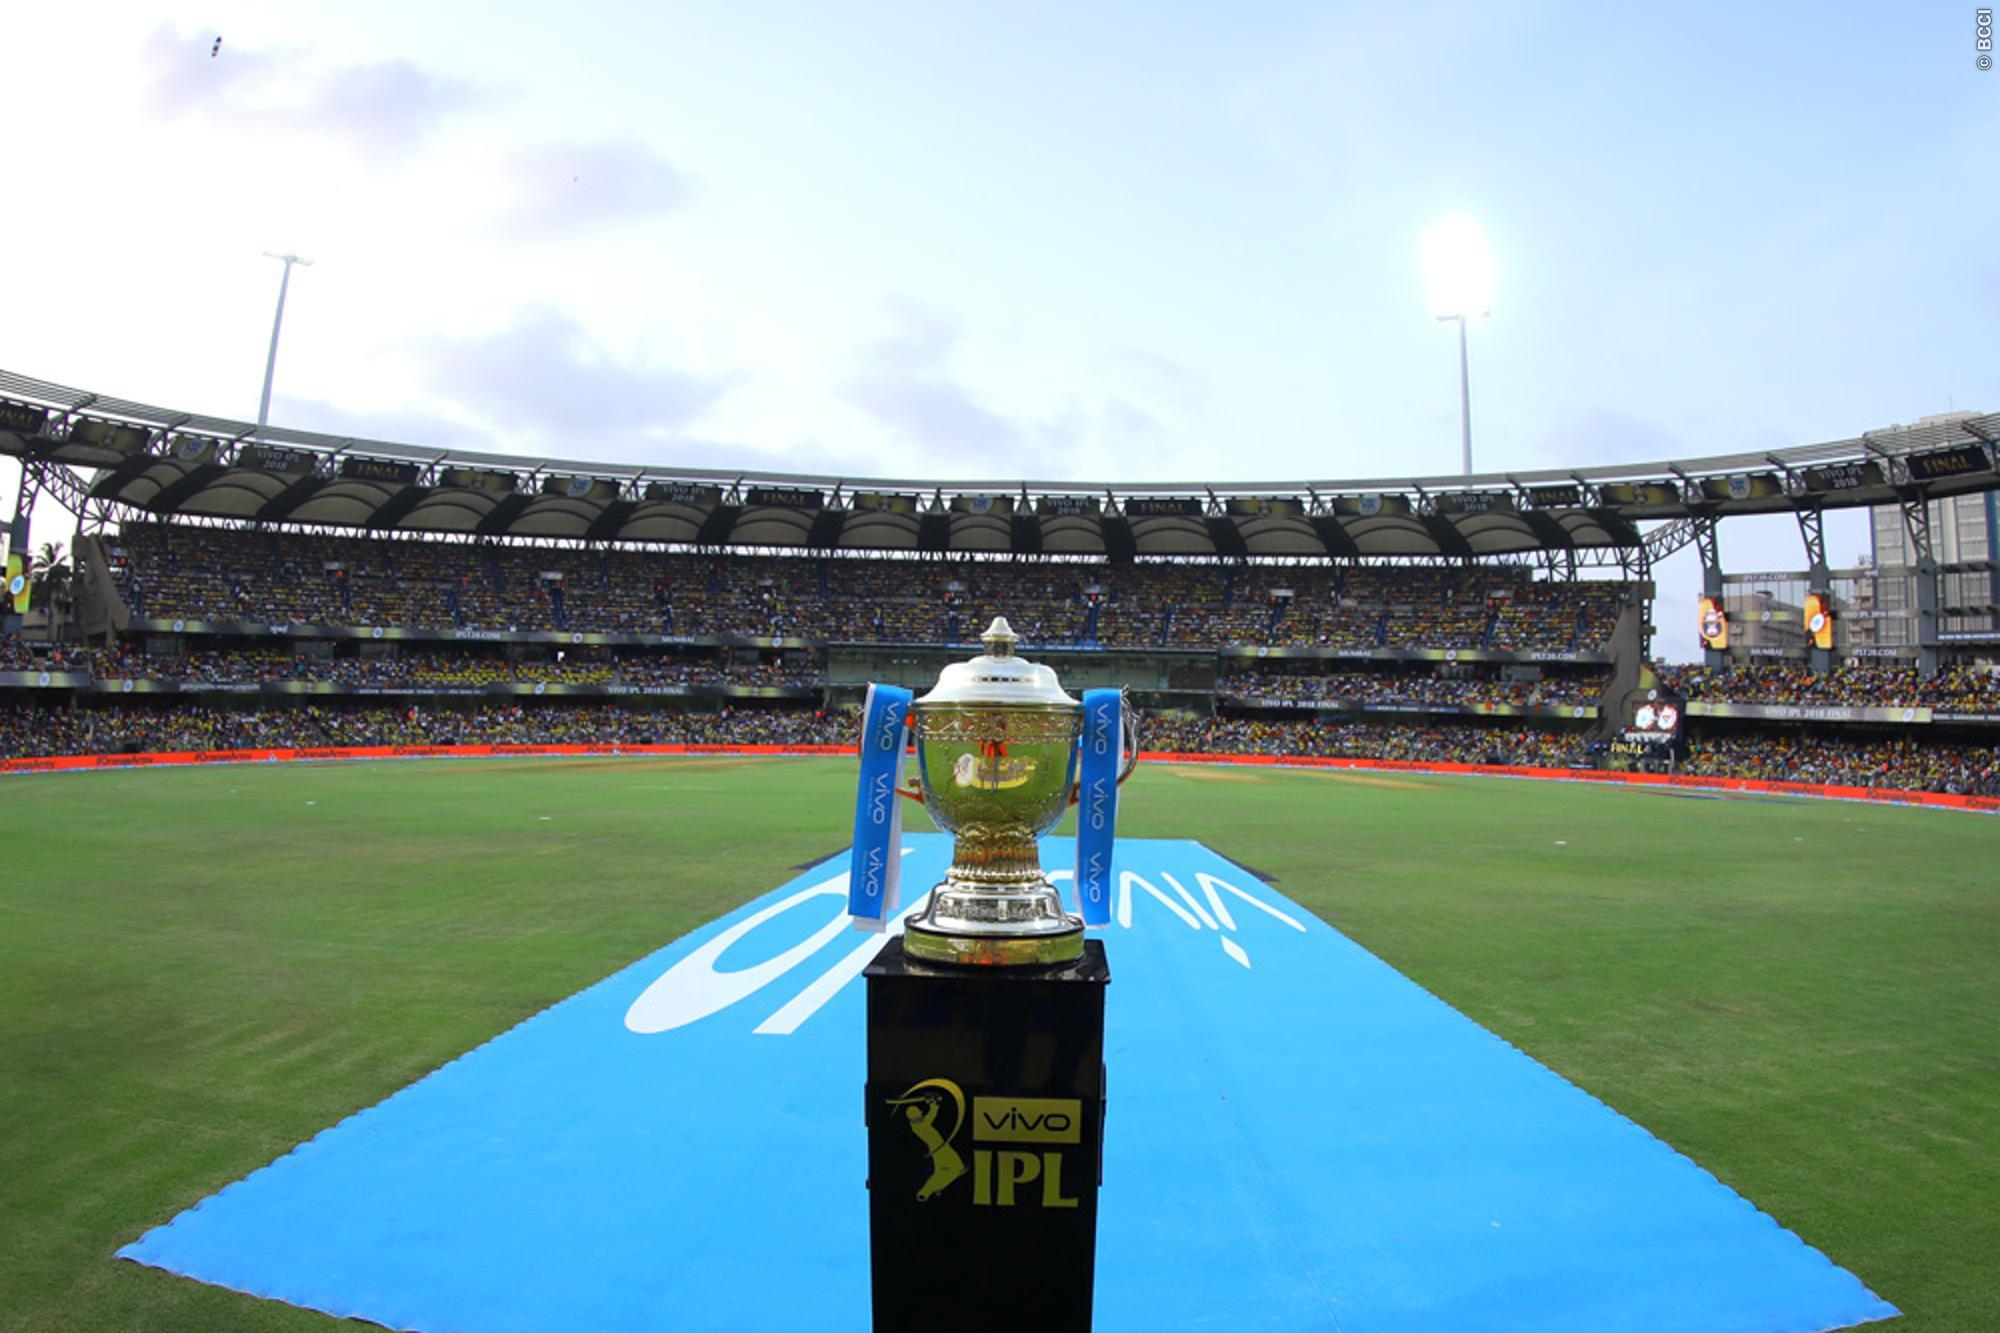 IPL 2018 से पहले गुमनाम थे ये 5 खिलाड़ी अब अन्तर्राष्ट्रीय टीम में जगह पाने के है हकदार 3